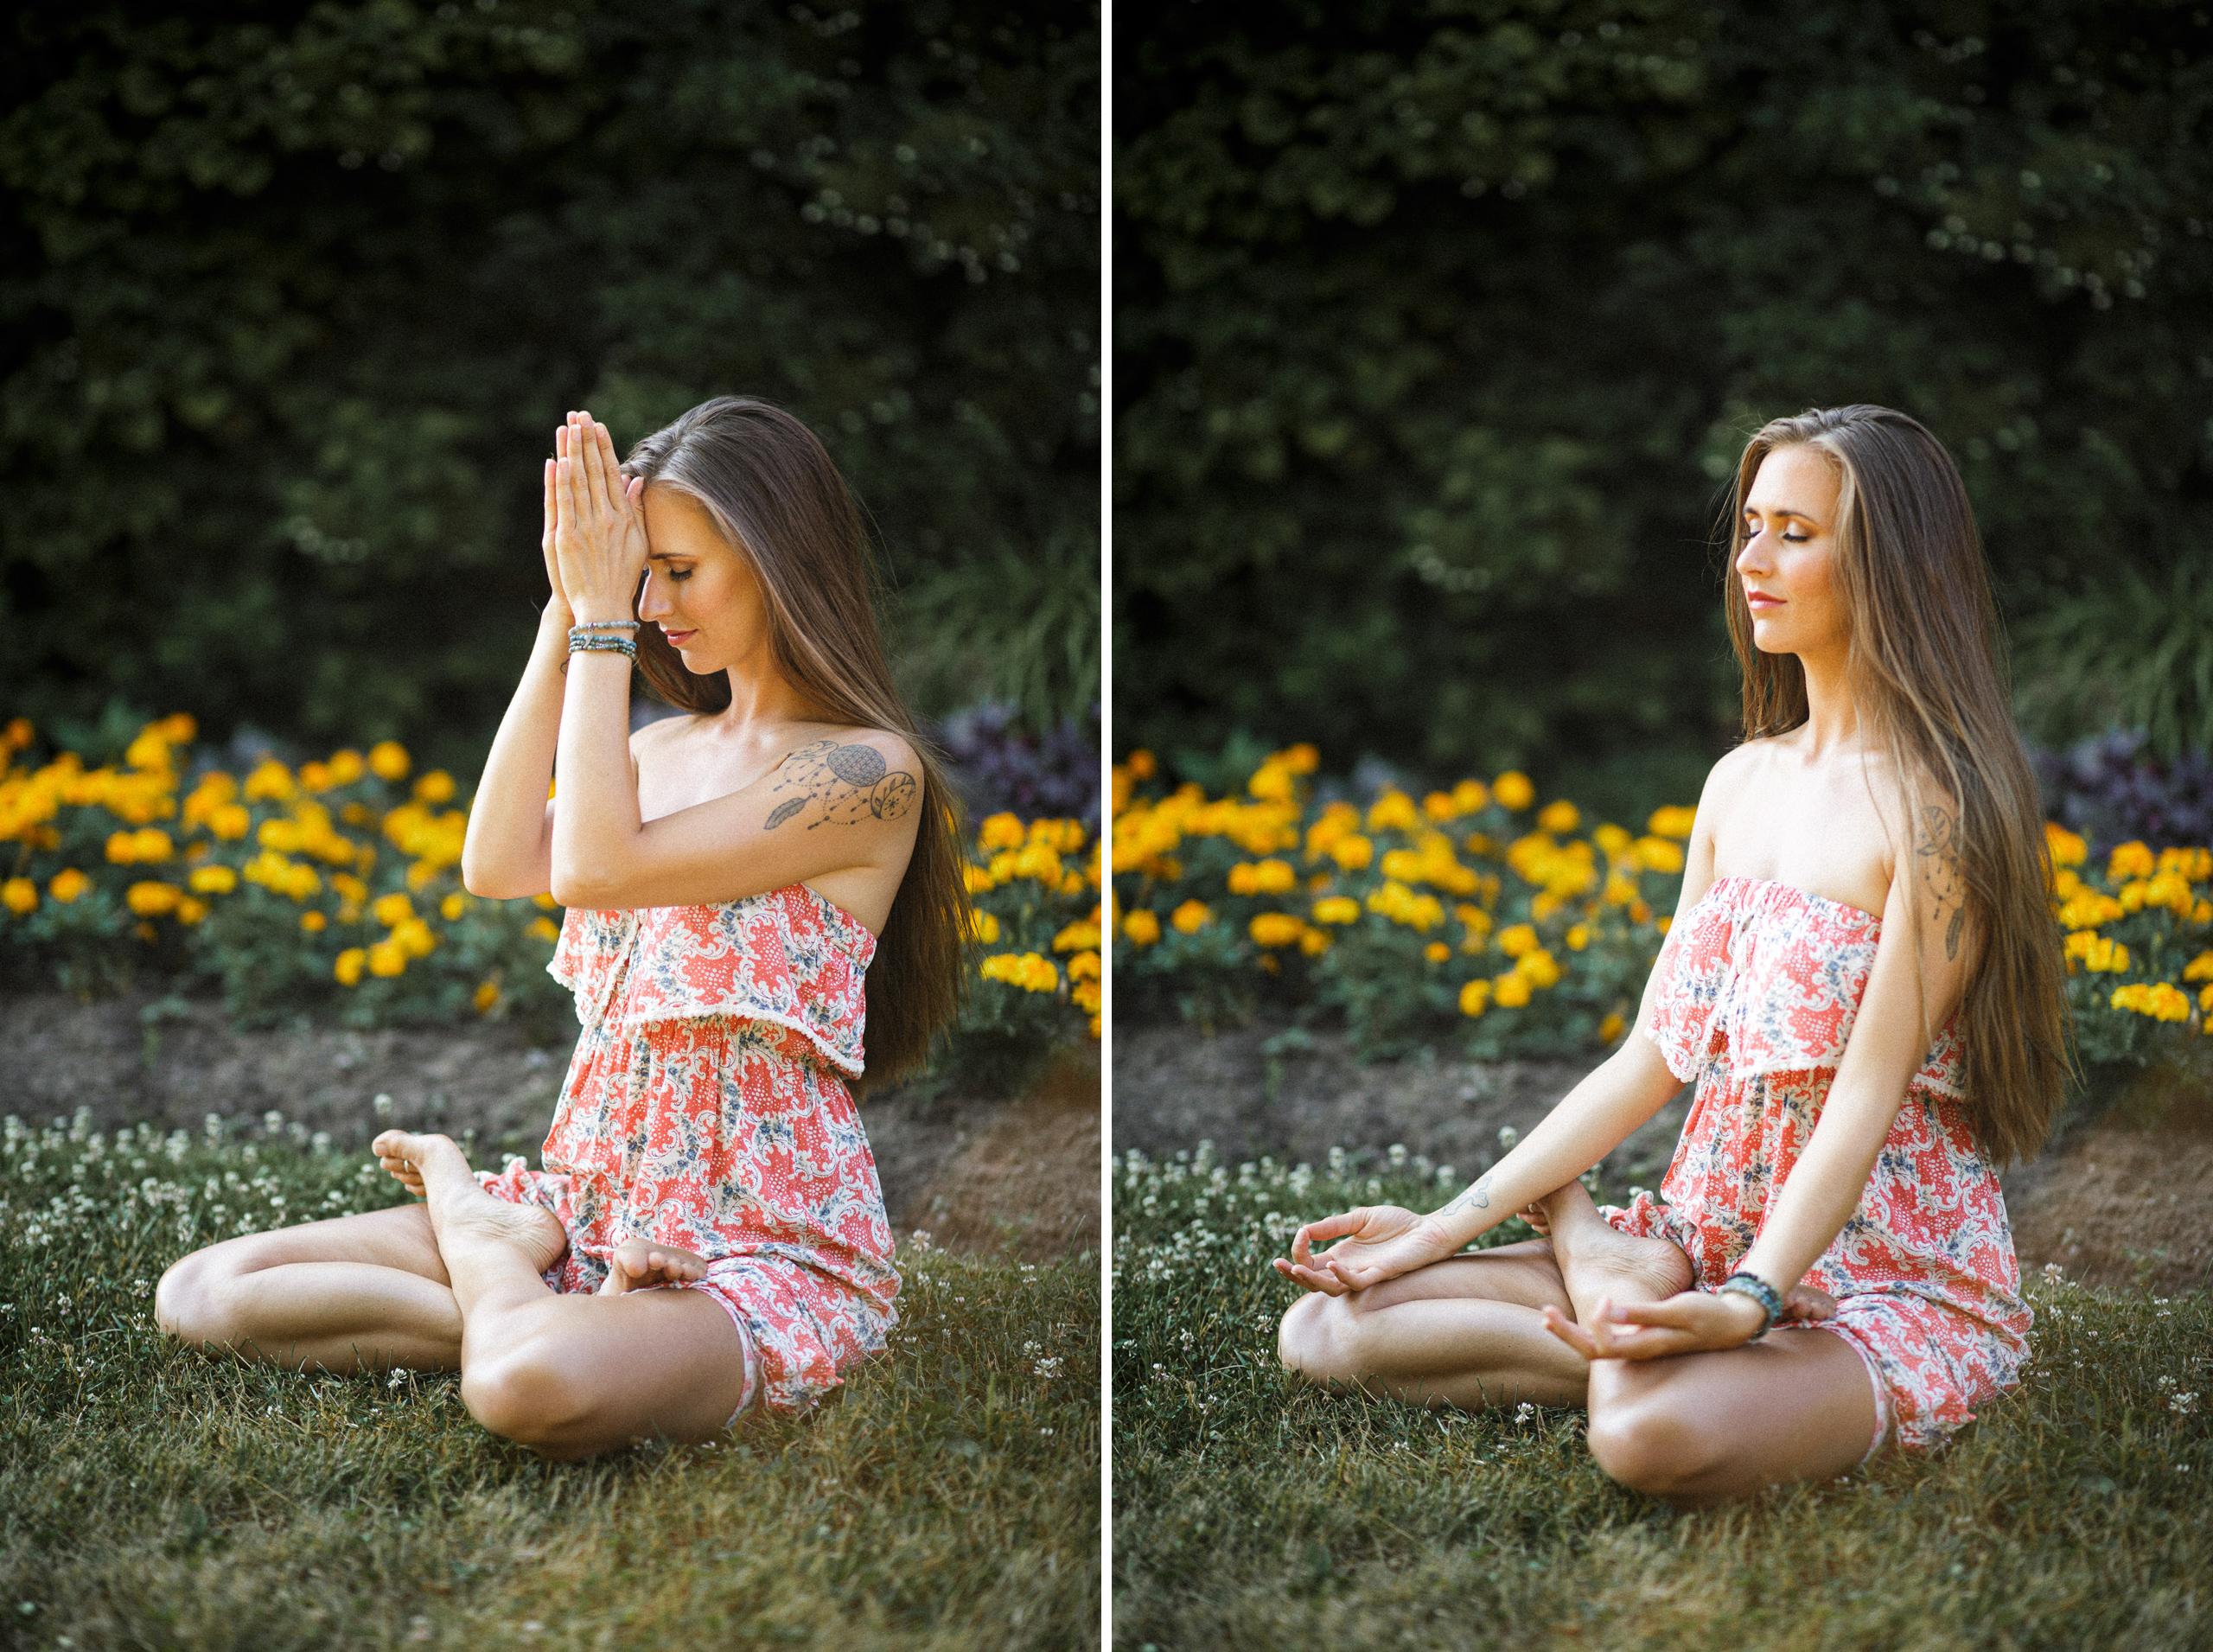 kristina jovanovic yoga instructor portrait